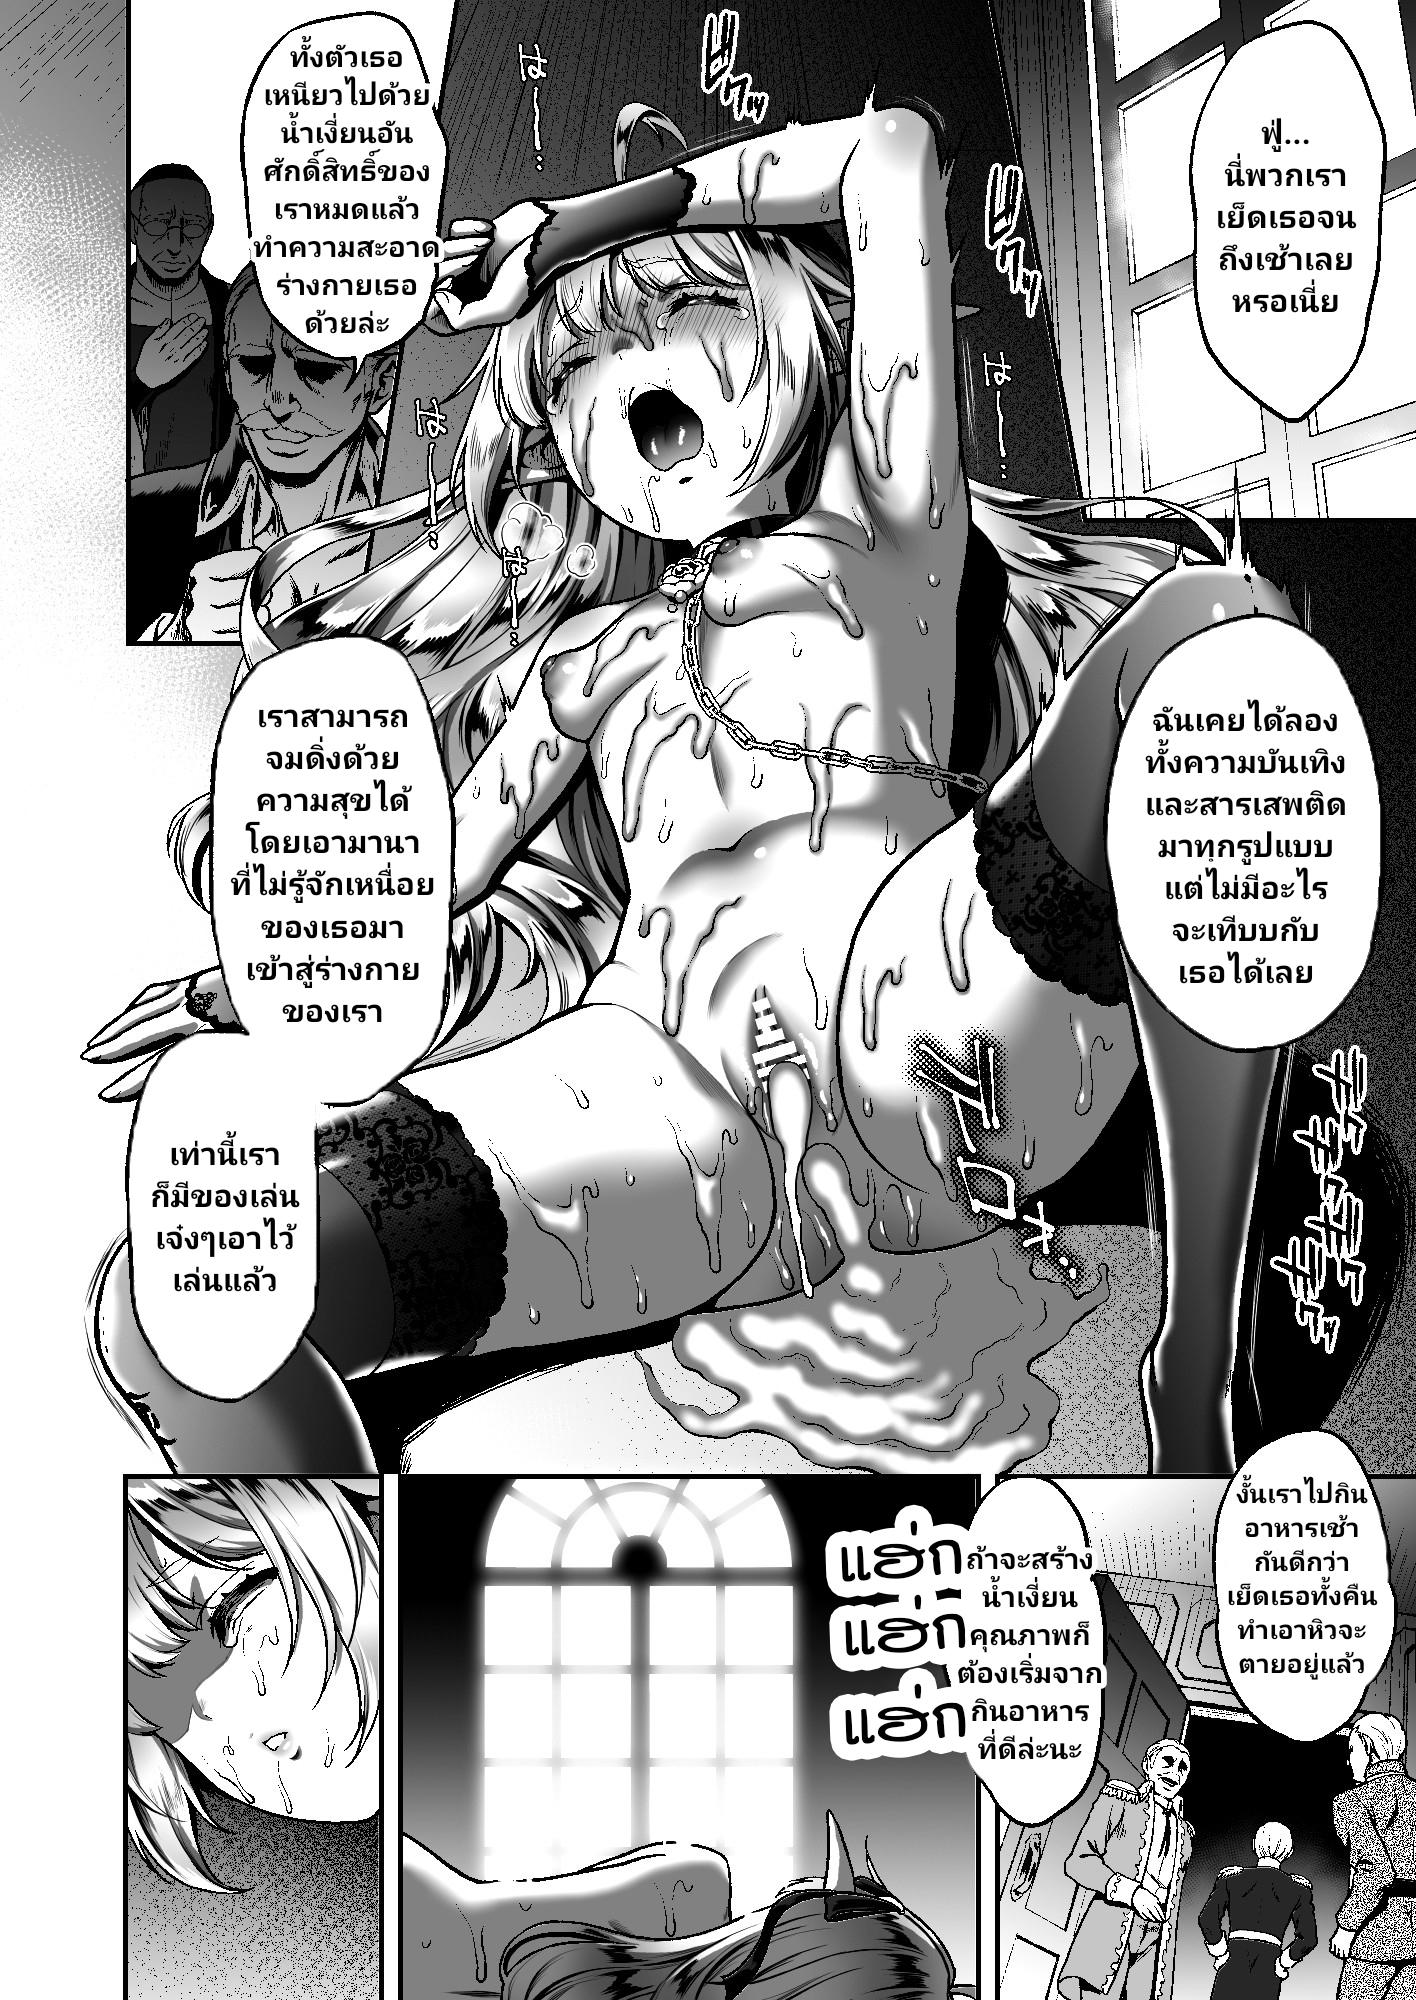 สิ้นศักดิ์ศรีโสเภณีไฮเอลฟ์ 6 - เนื้อเรื่องของเอ็มม่า ภาพ 28